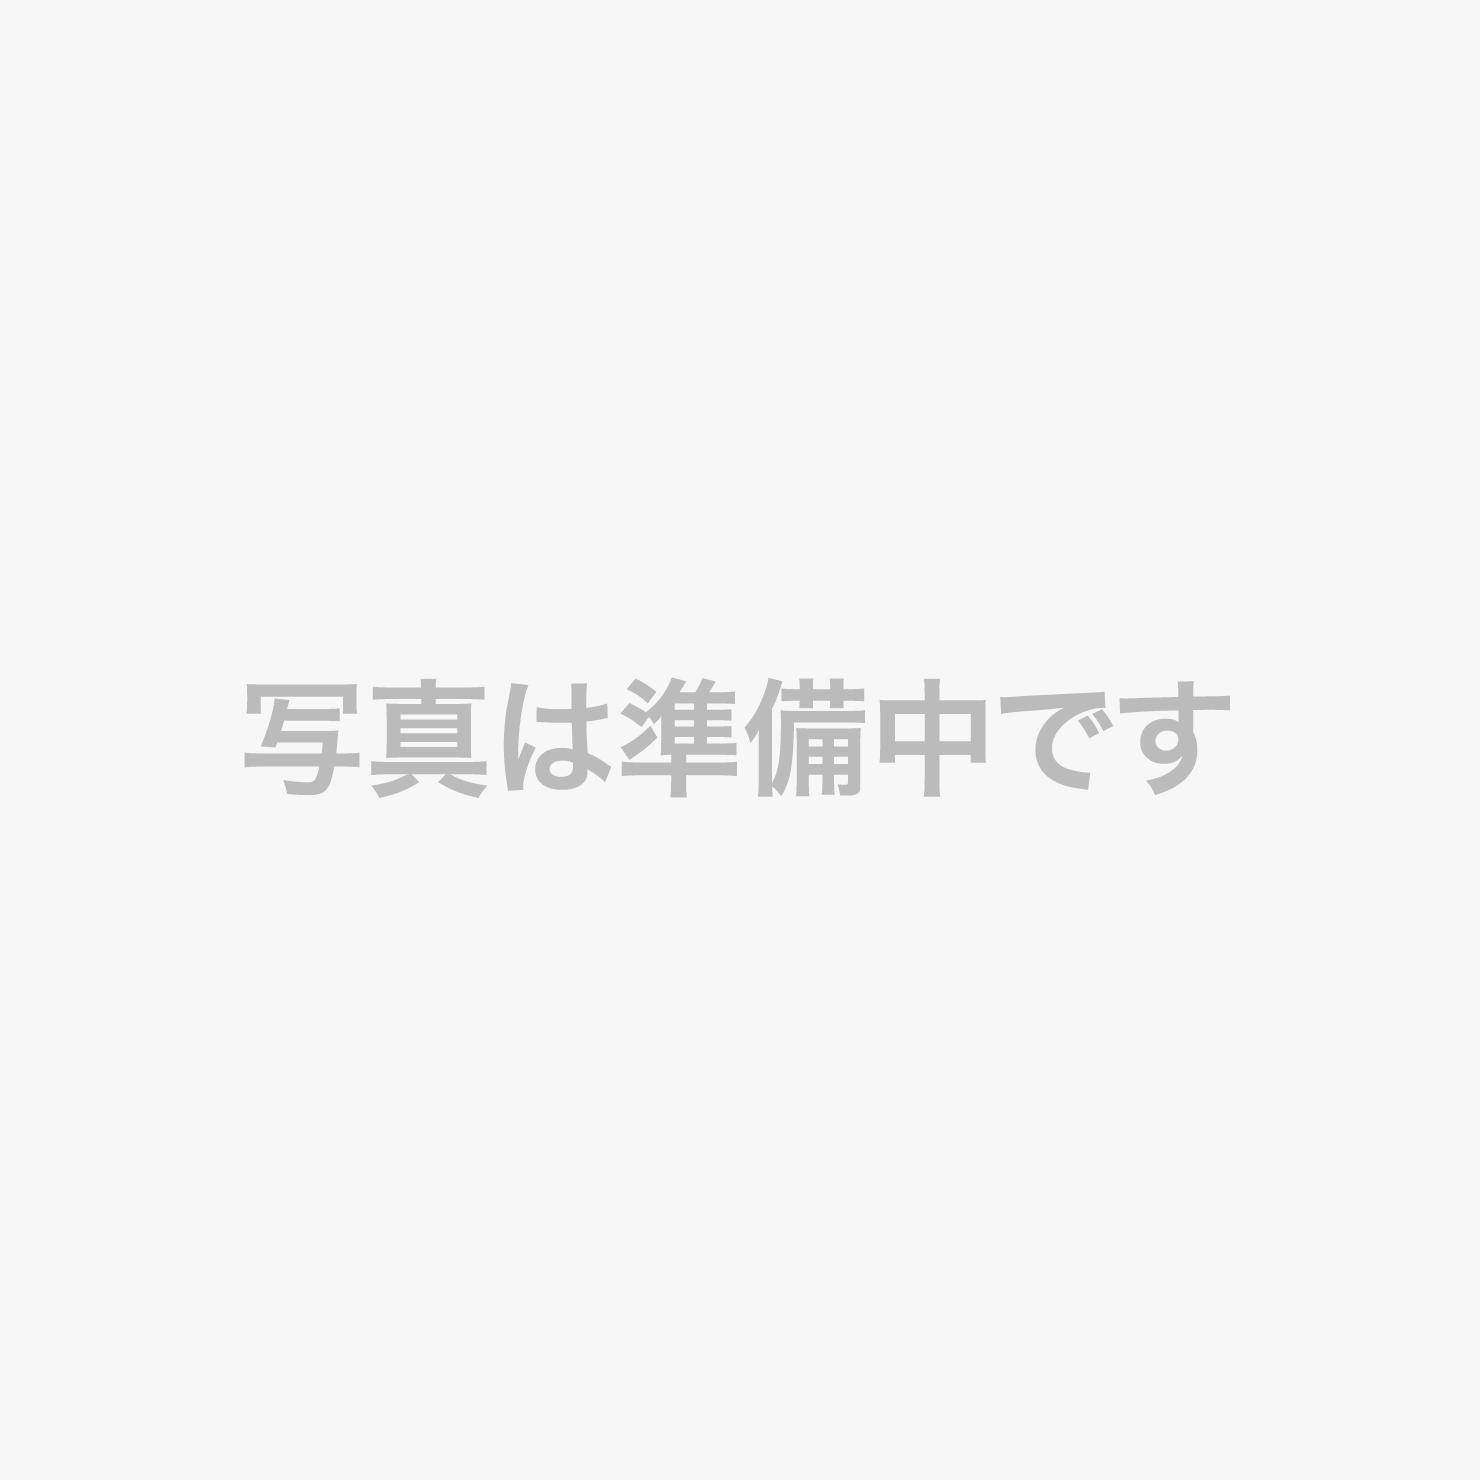 天然温泉 源氏翼の湯 スーパーホテル仙台空港インター